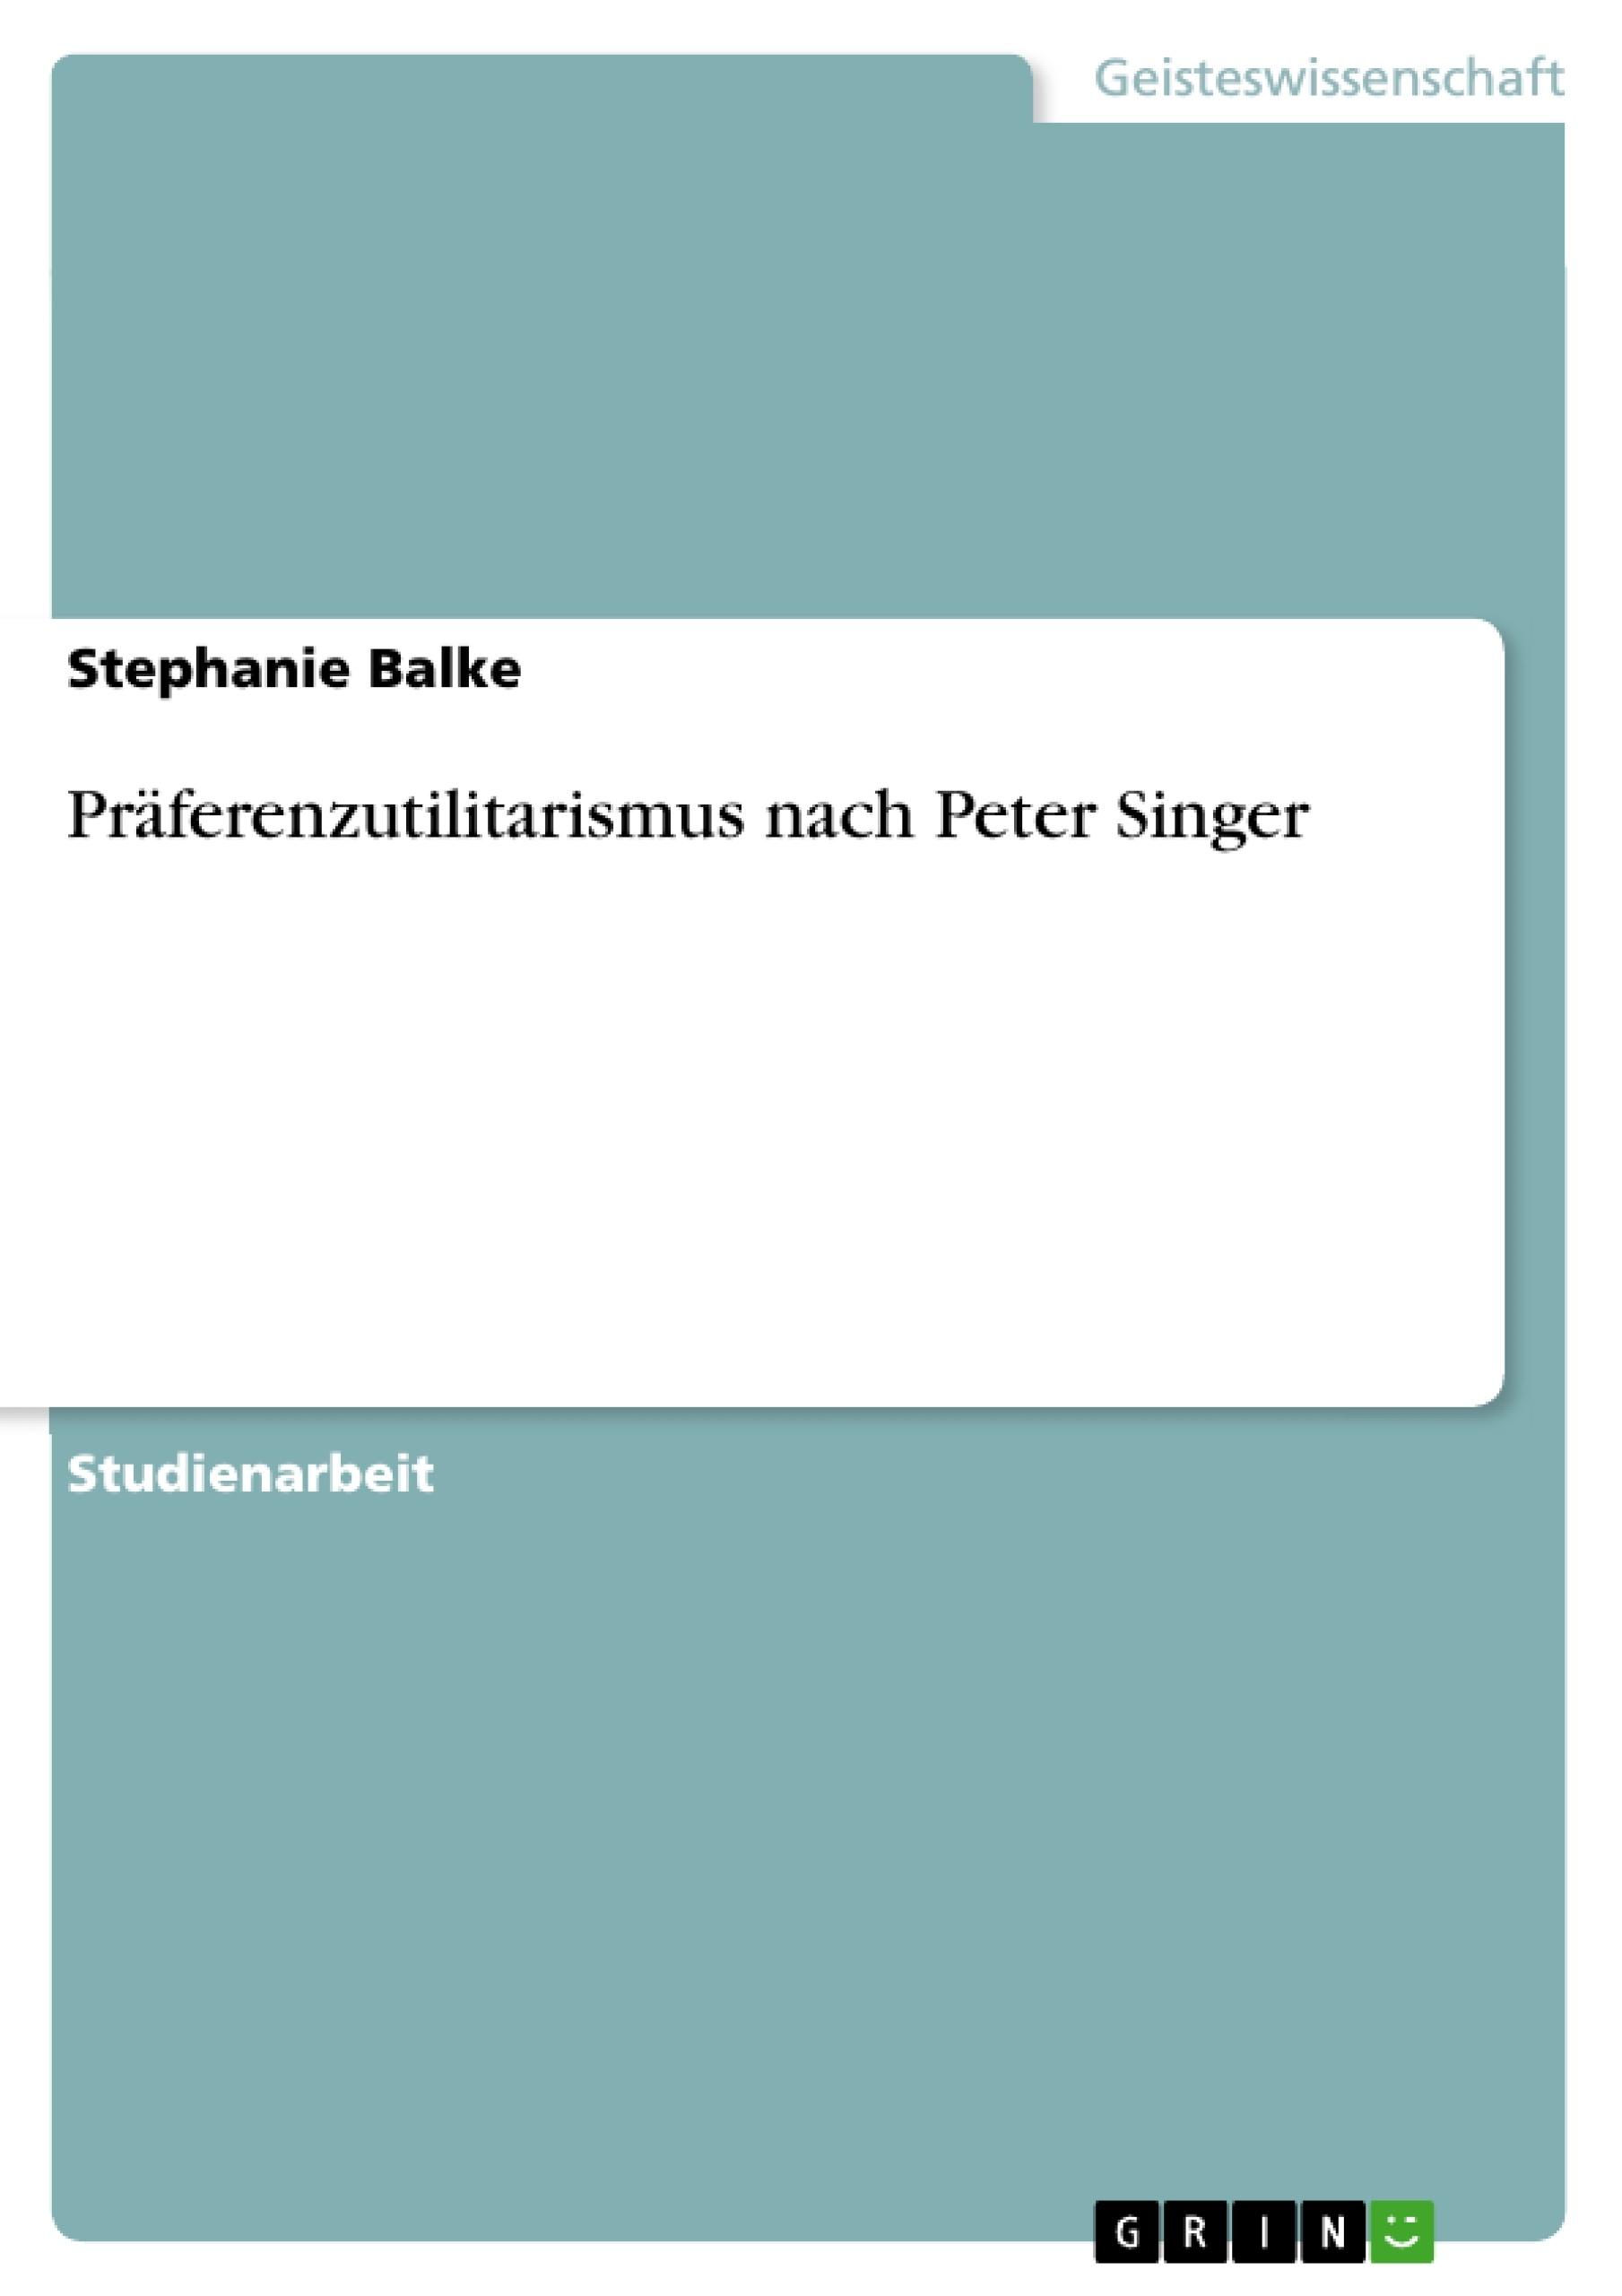 Titel: Präferenzutilitarismus nach Peter Singer